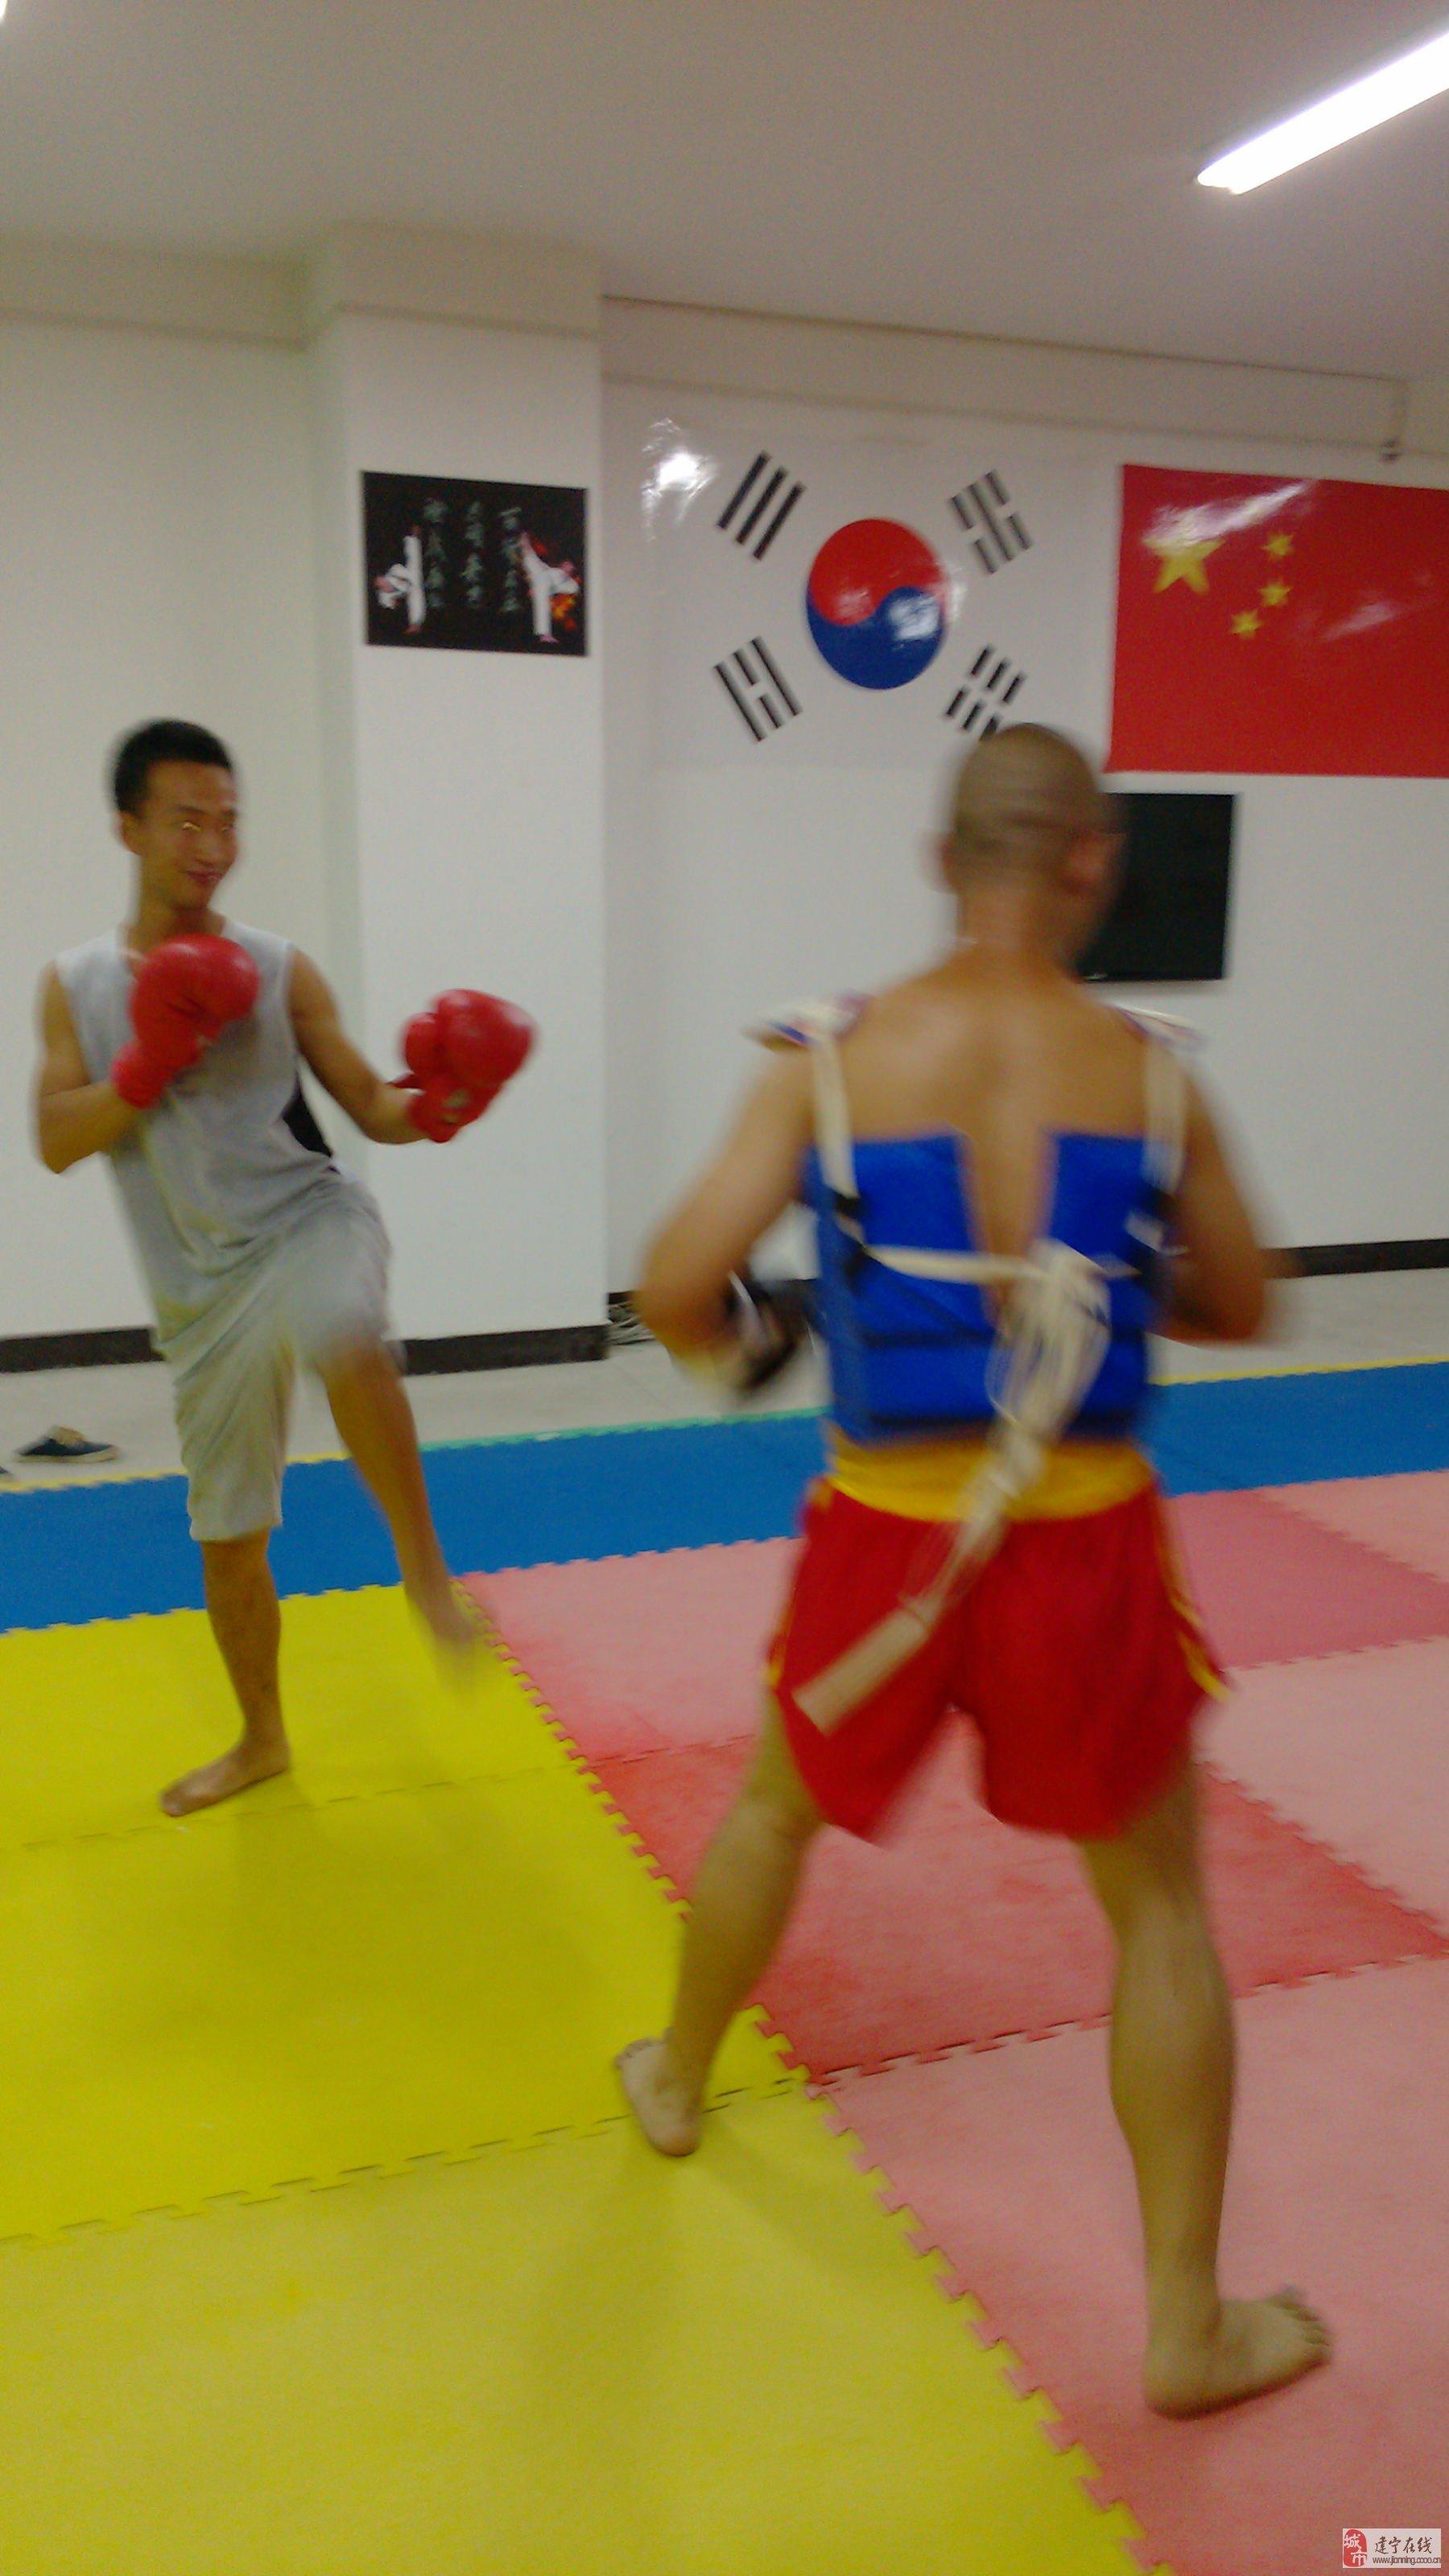 雅思培训班招生了,网球,武术,散打,素质拓展等等.